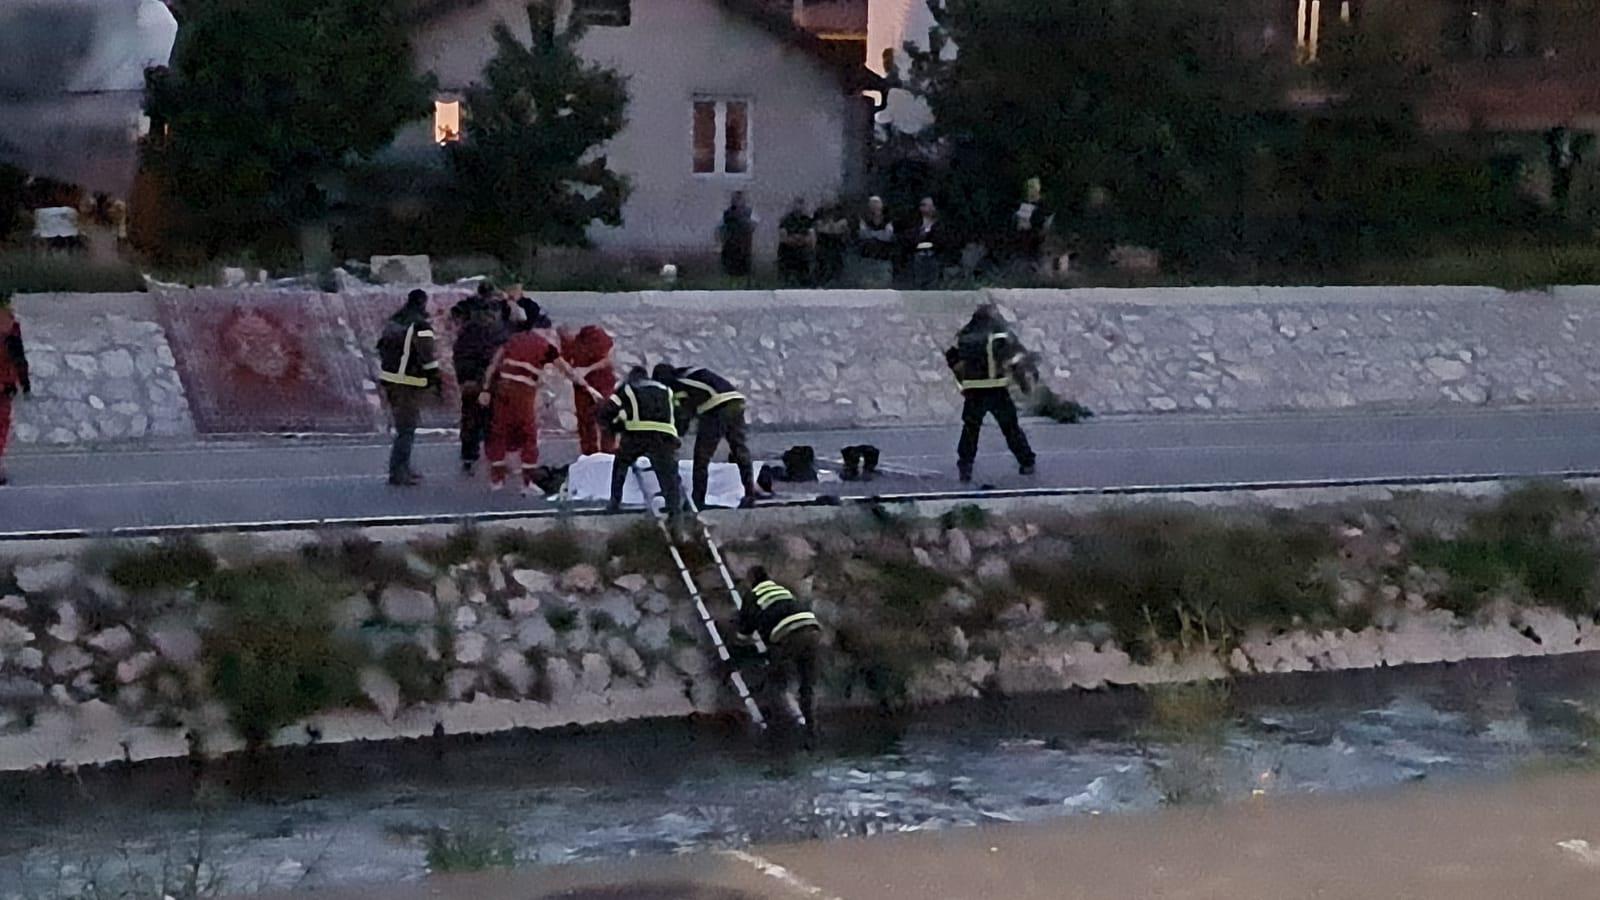 Beživotno telo ponađeno u reci Raška u Novom Pazaru (video)